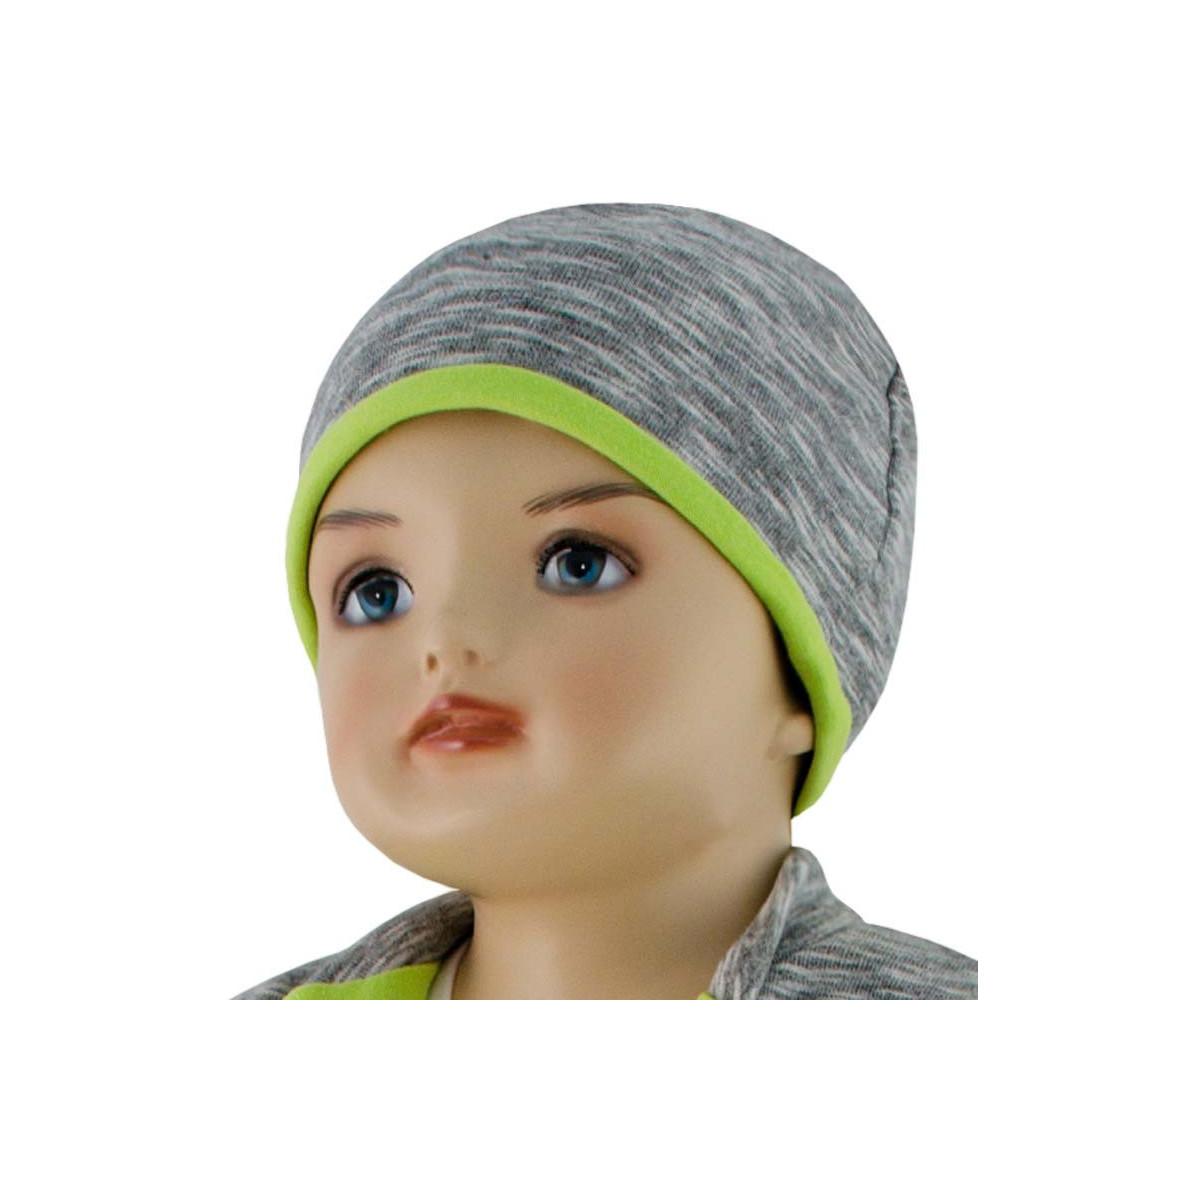 Dětská jarní čepice Adam - ESITO 0bc52b4cd3